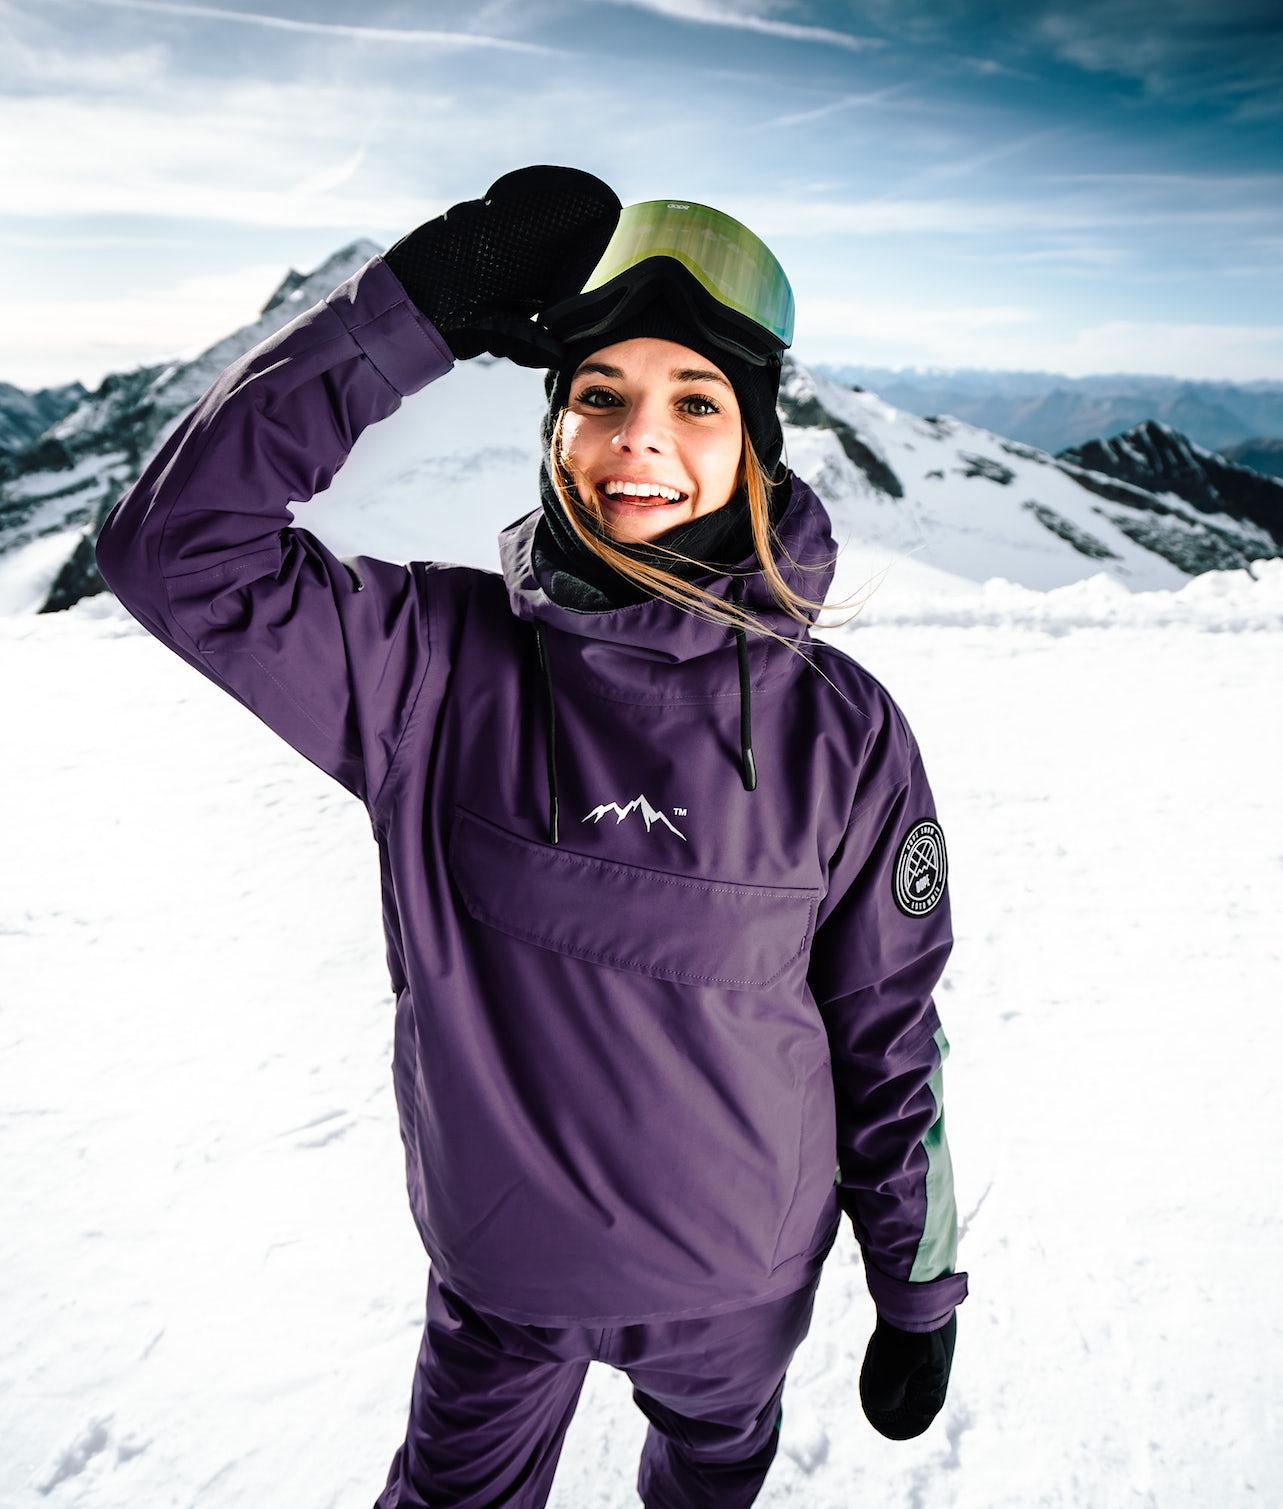 Kjøp Blizzard W LE Skijakke fra Dope på Ridestore.no - Hos oss har du alltid fri frakt, fri retur og 30 dagers åpent kjøp!